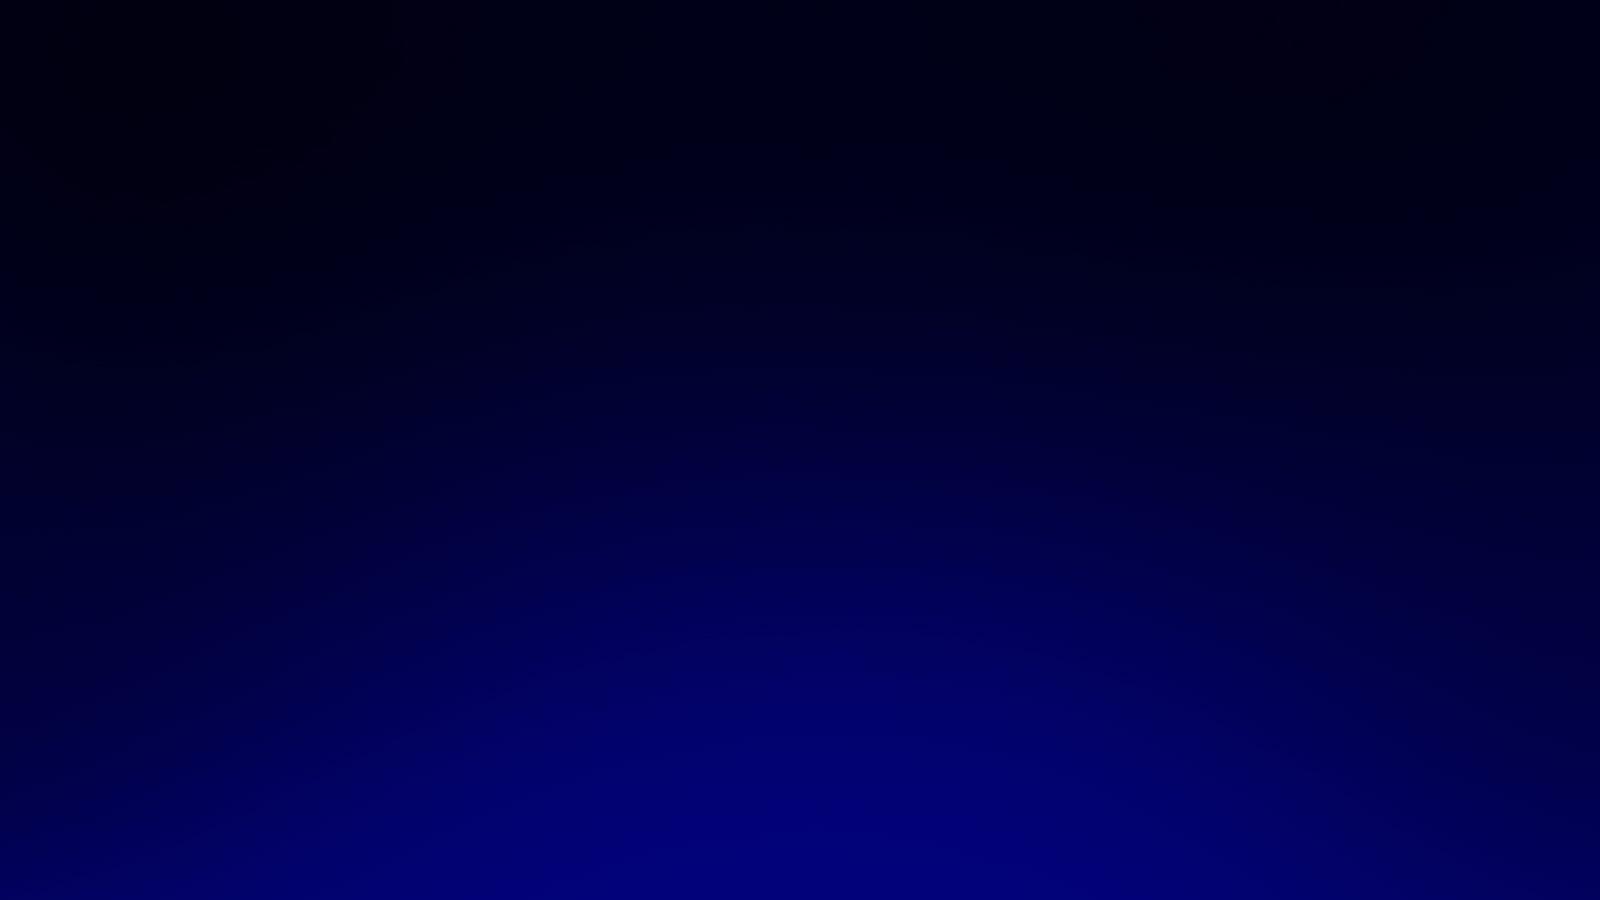 1603-zwart-blauw-verloop